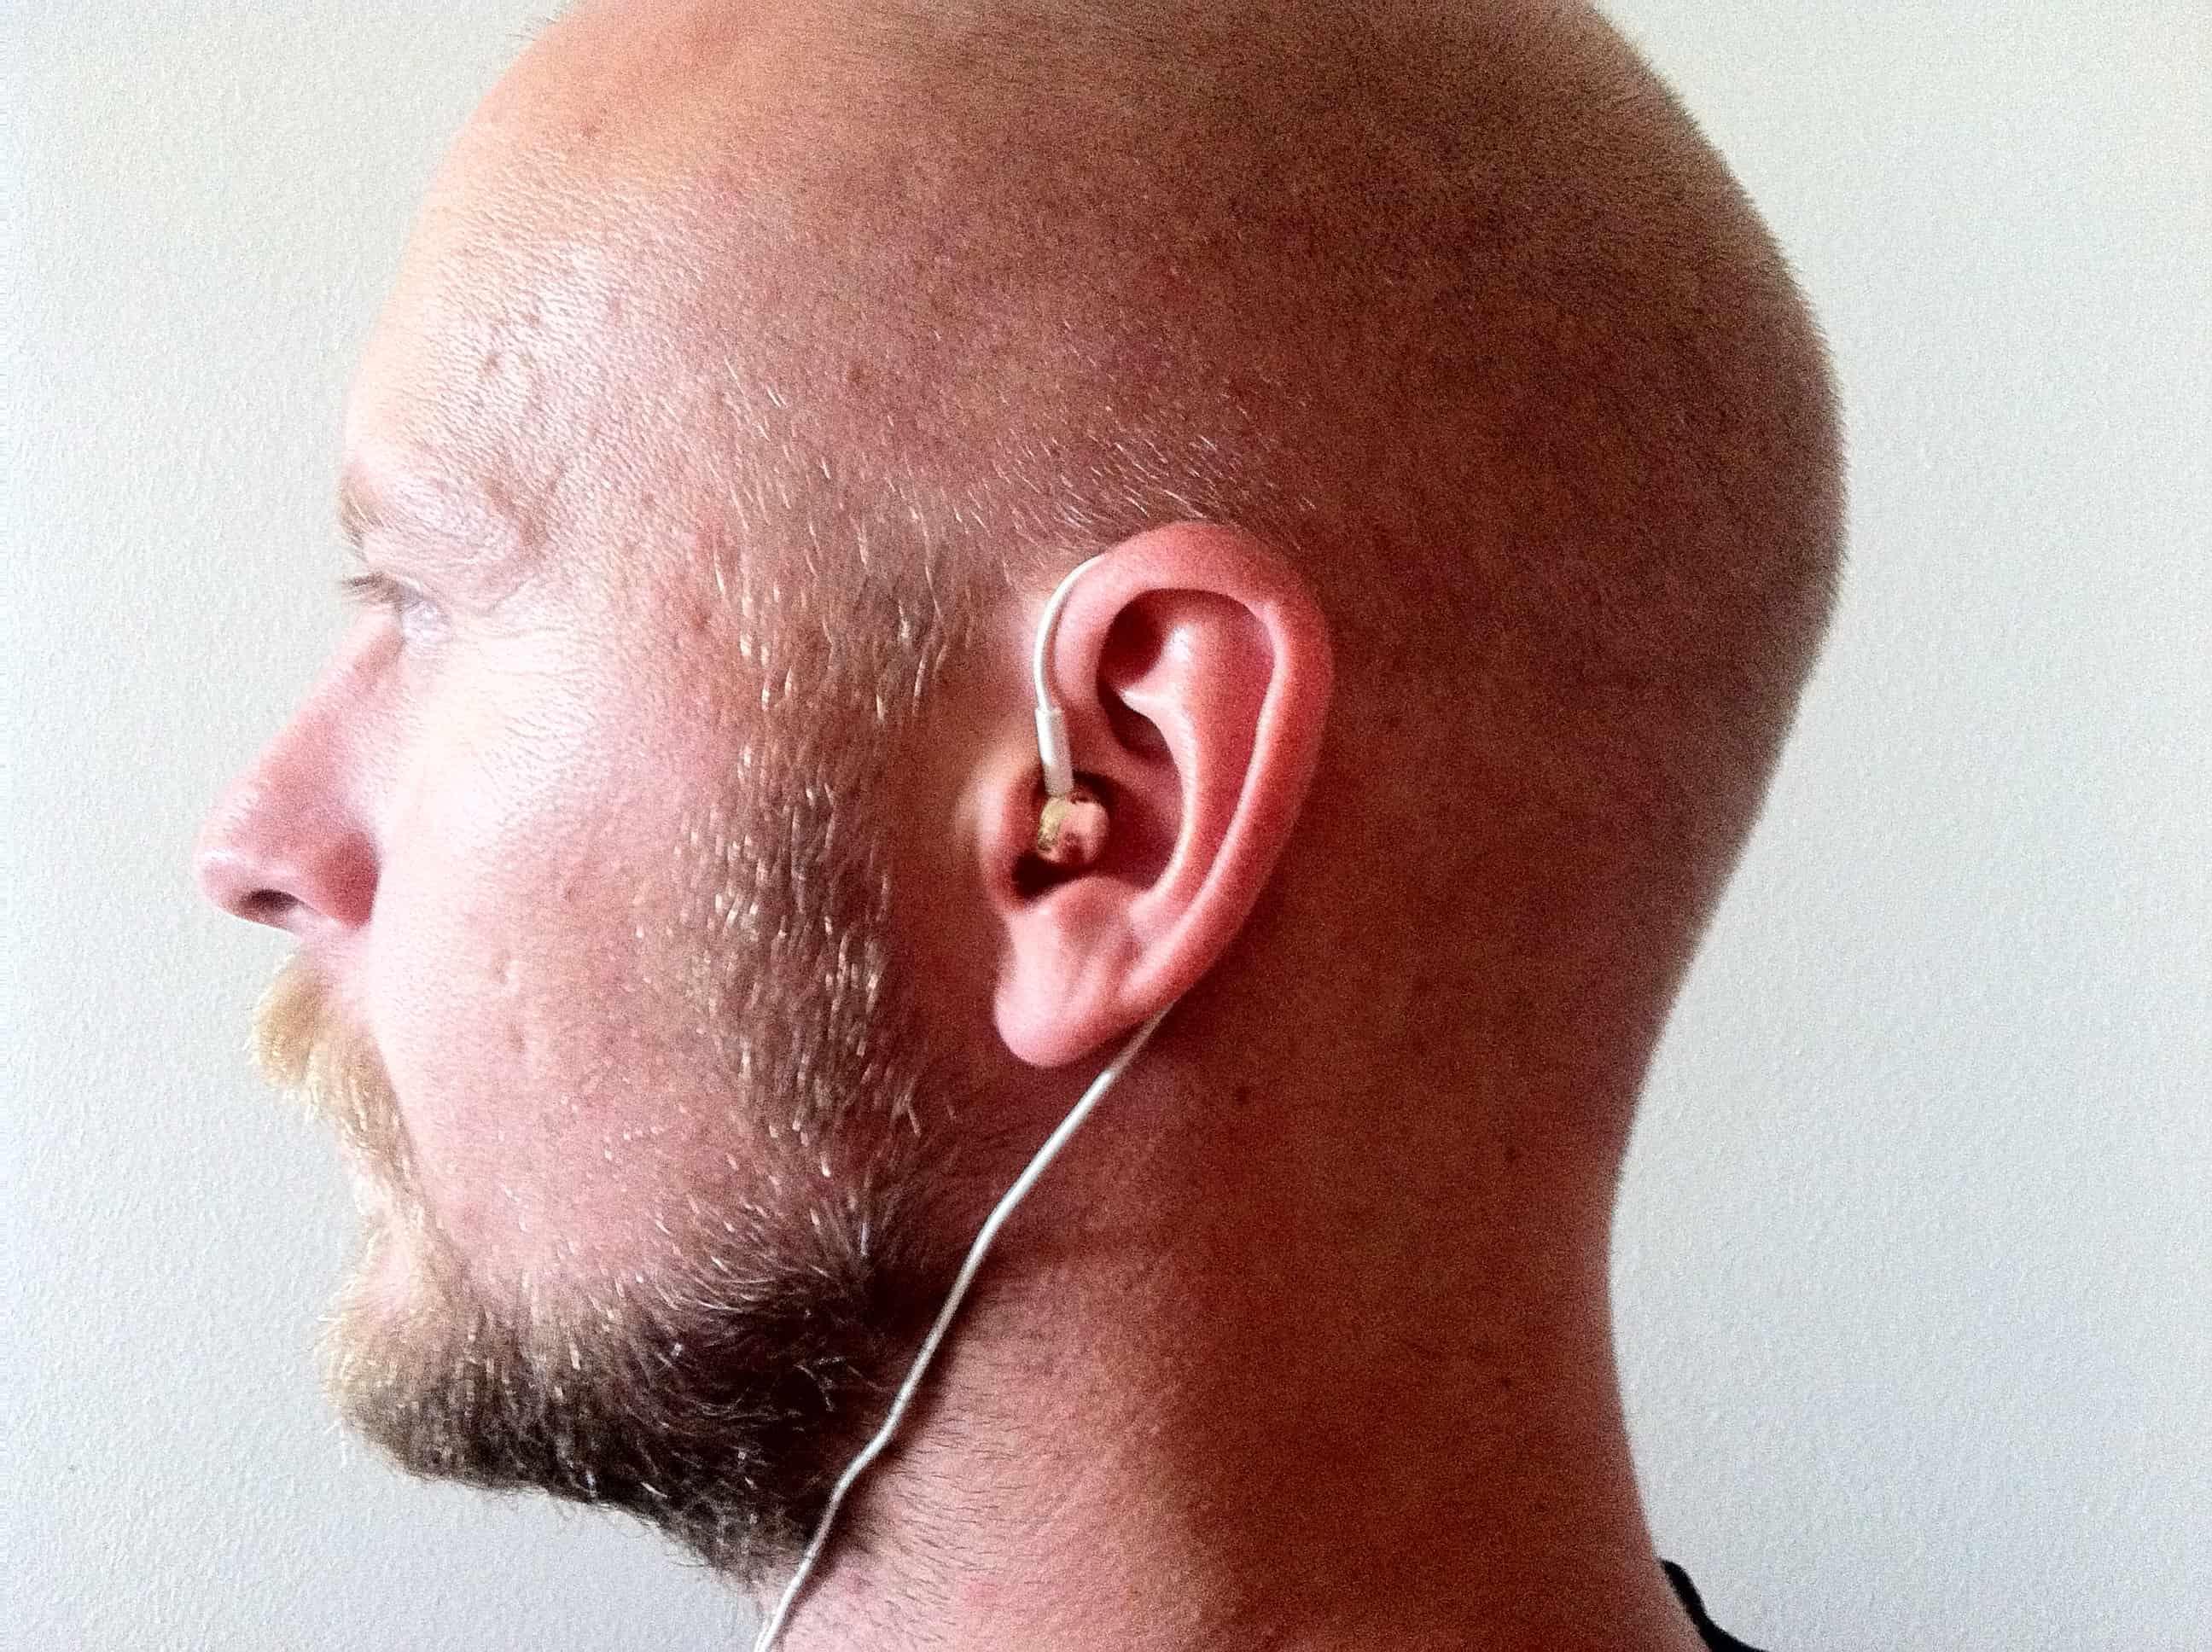 Hvis du trækker kablet bag øret, undgår du ubehagelige træk i øret og ofte sidder de bedre.